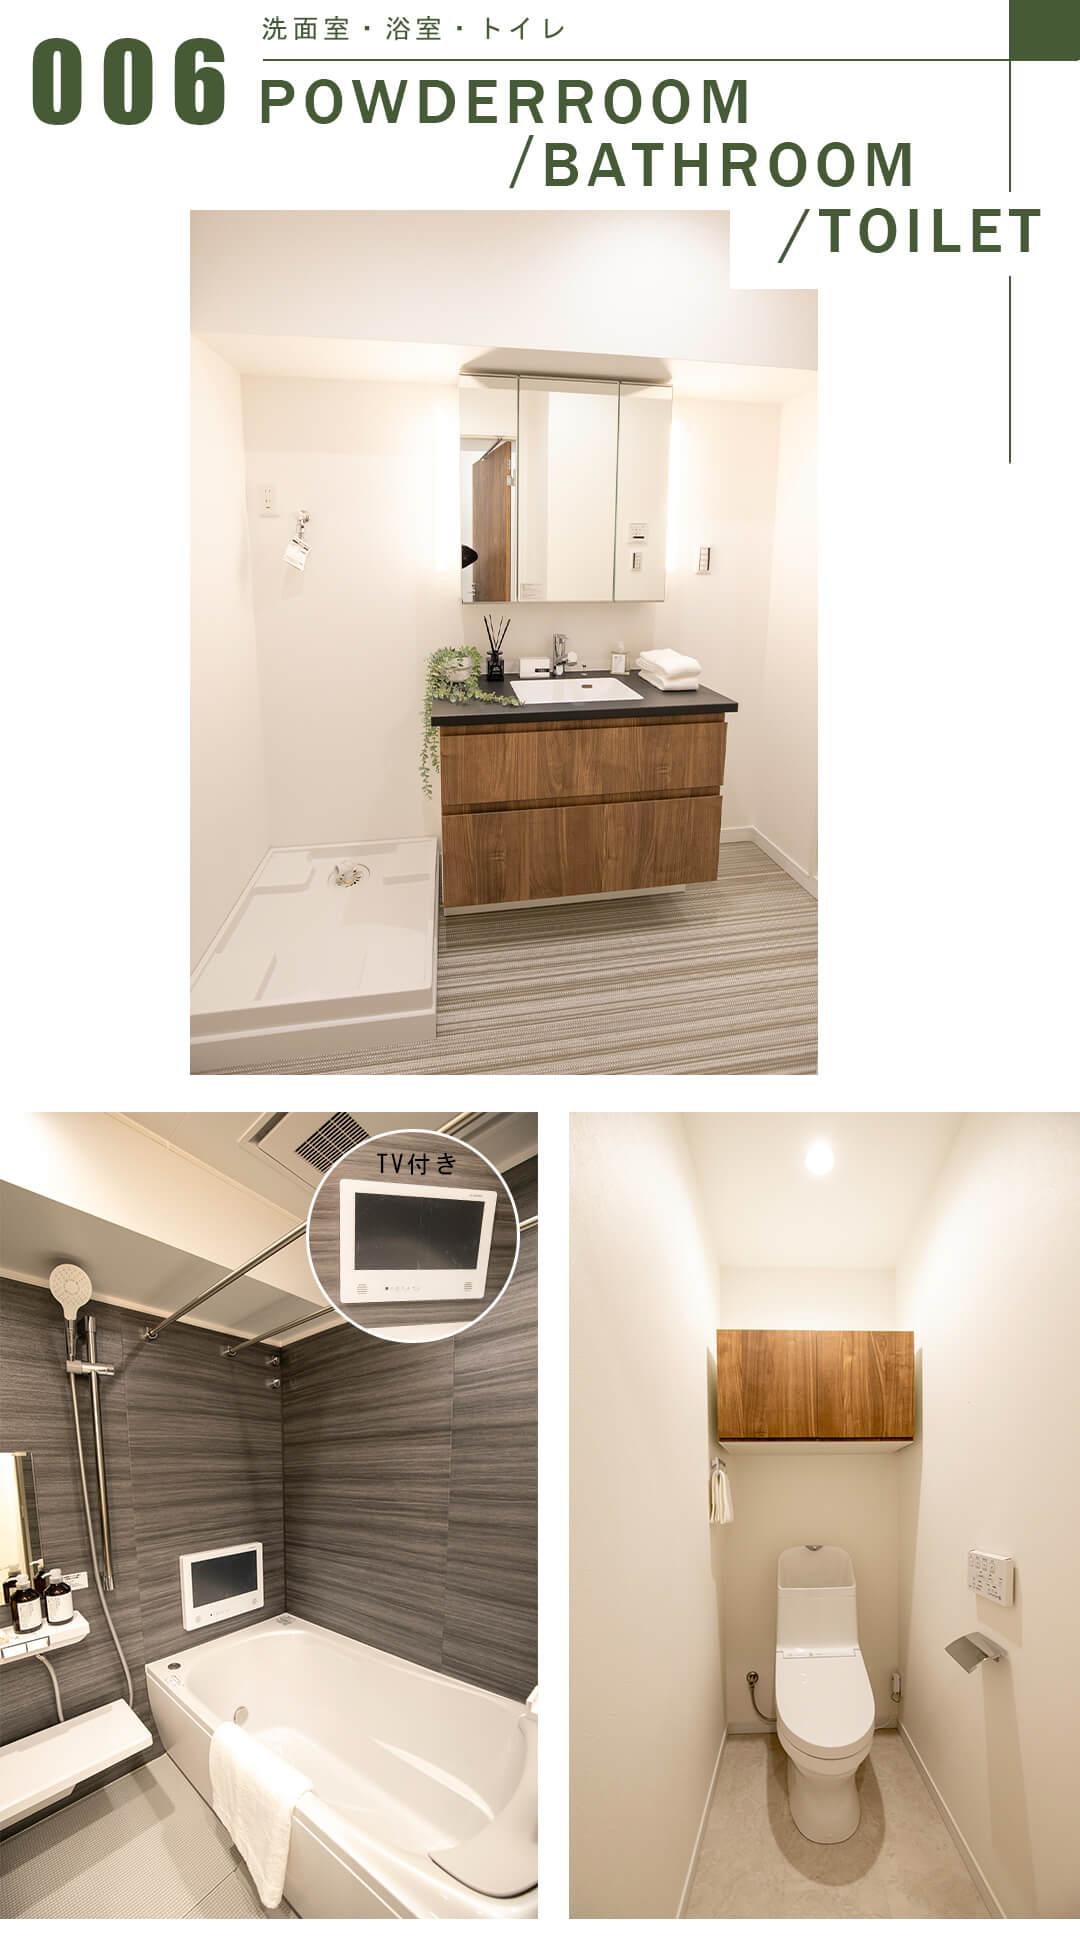 タウンハウス南青山401の洗面室と浴室とトイレ